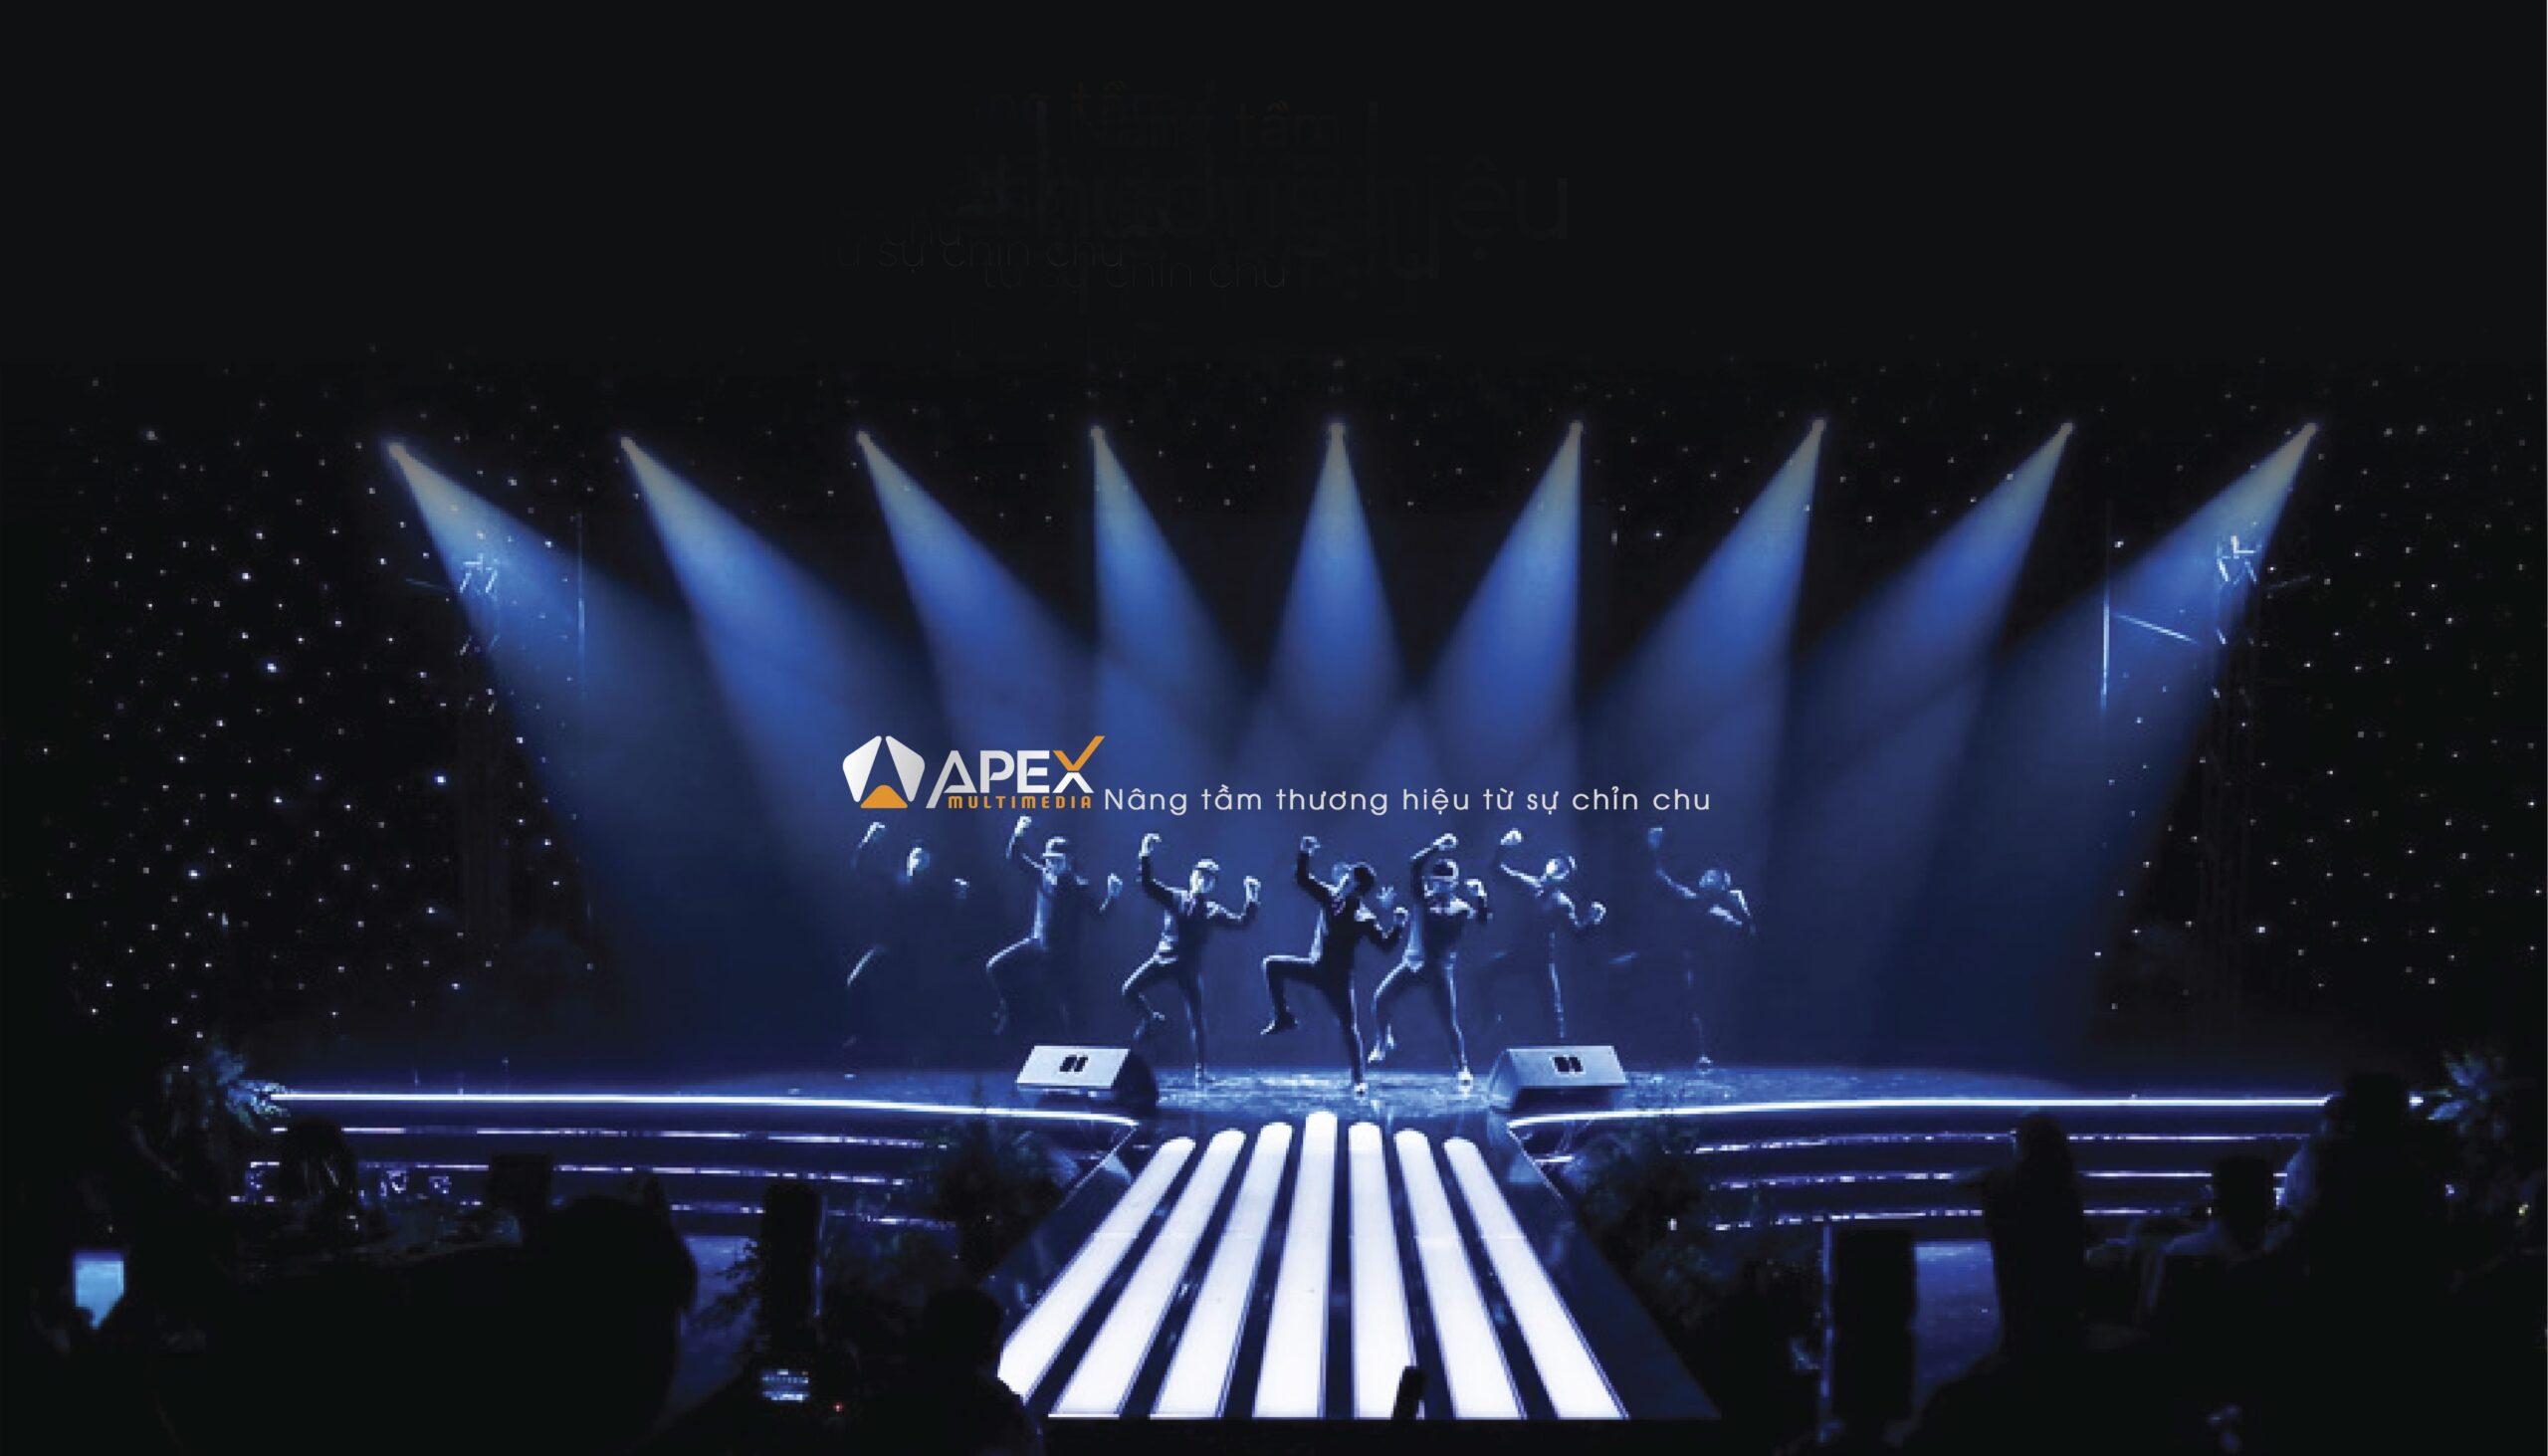 Apex team scaled